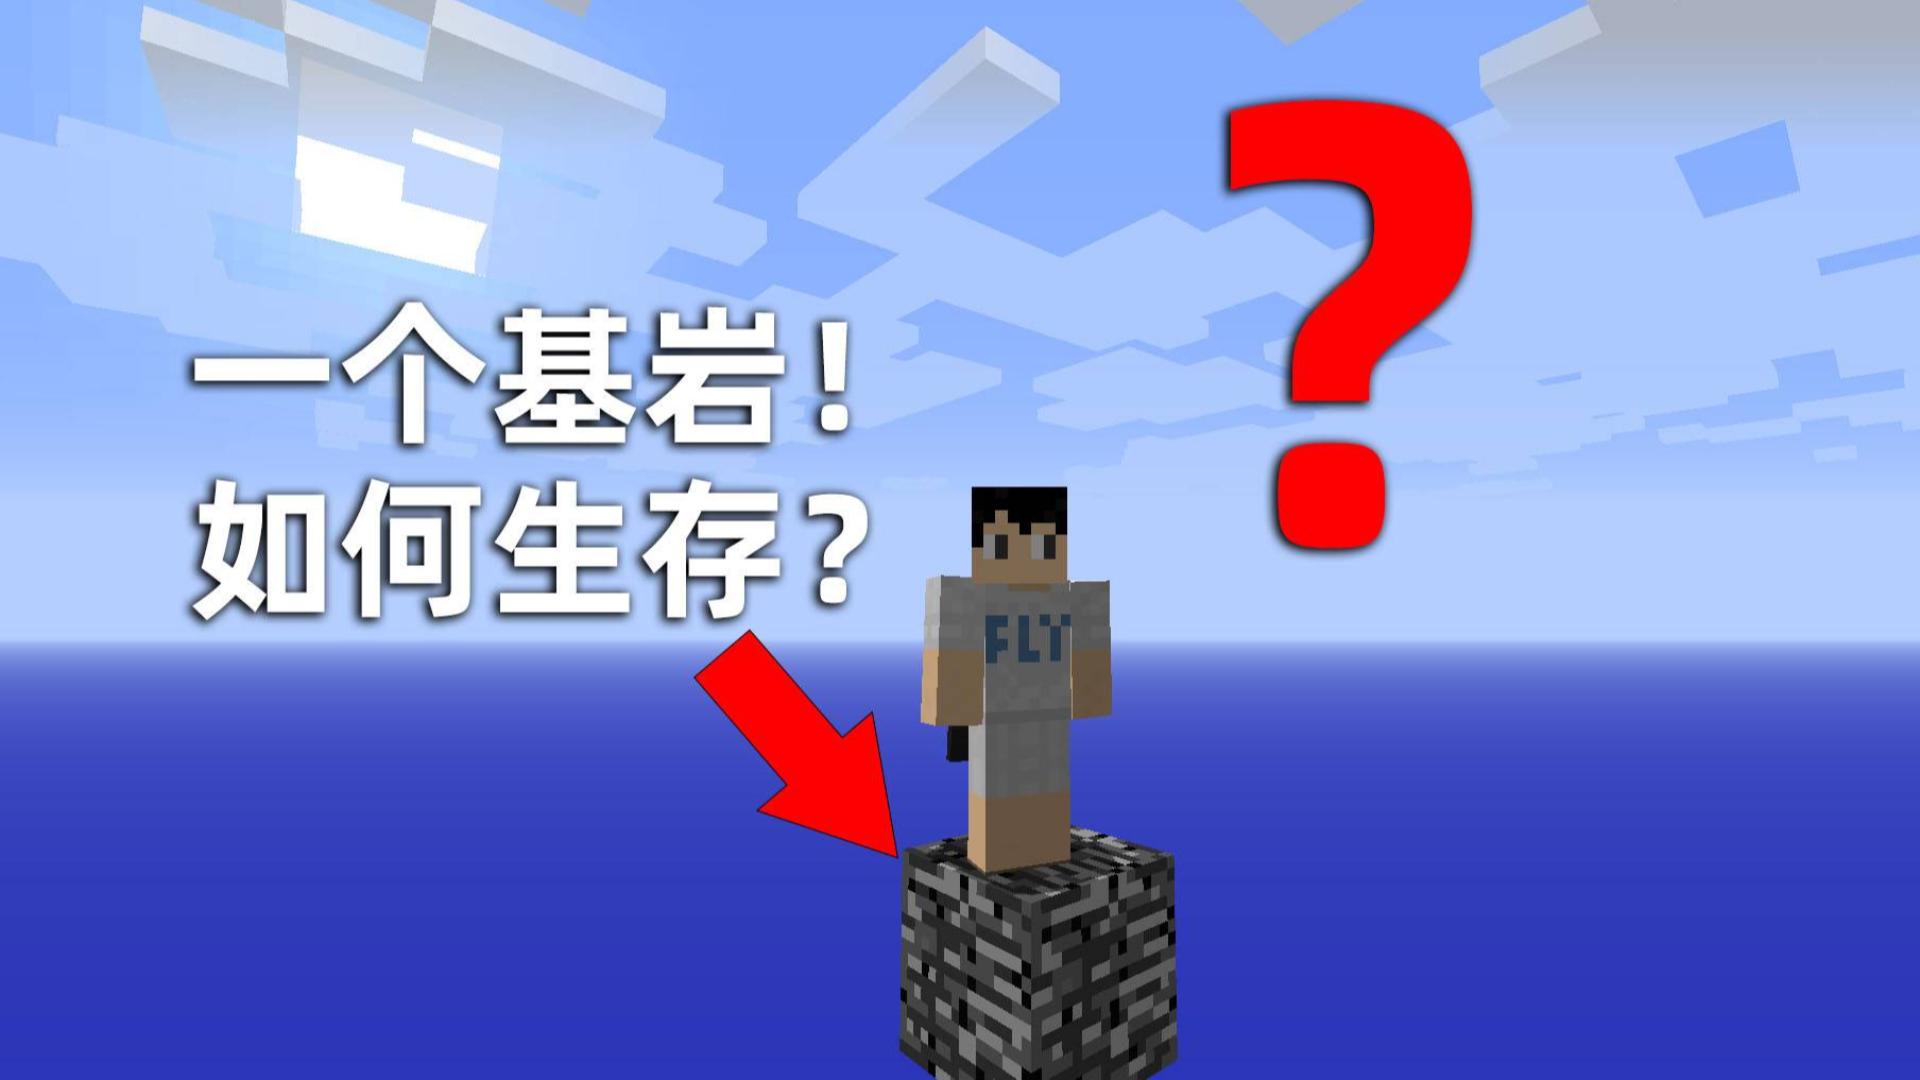 我的世界:只有一个基岩该如何生存?